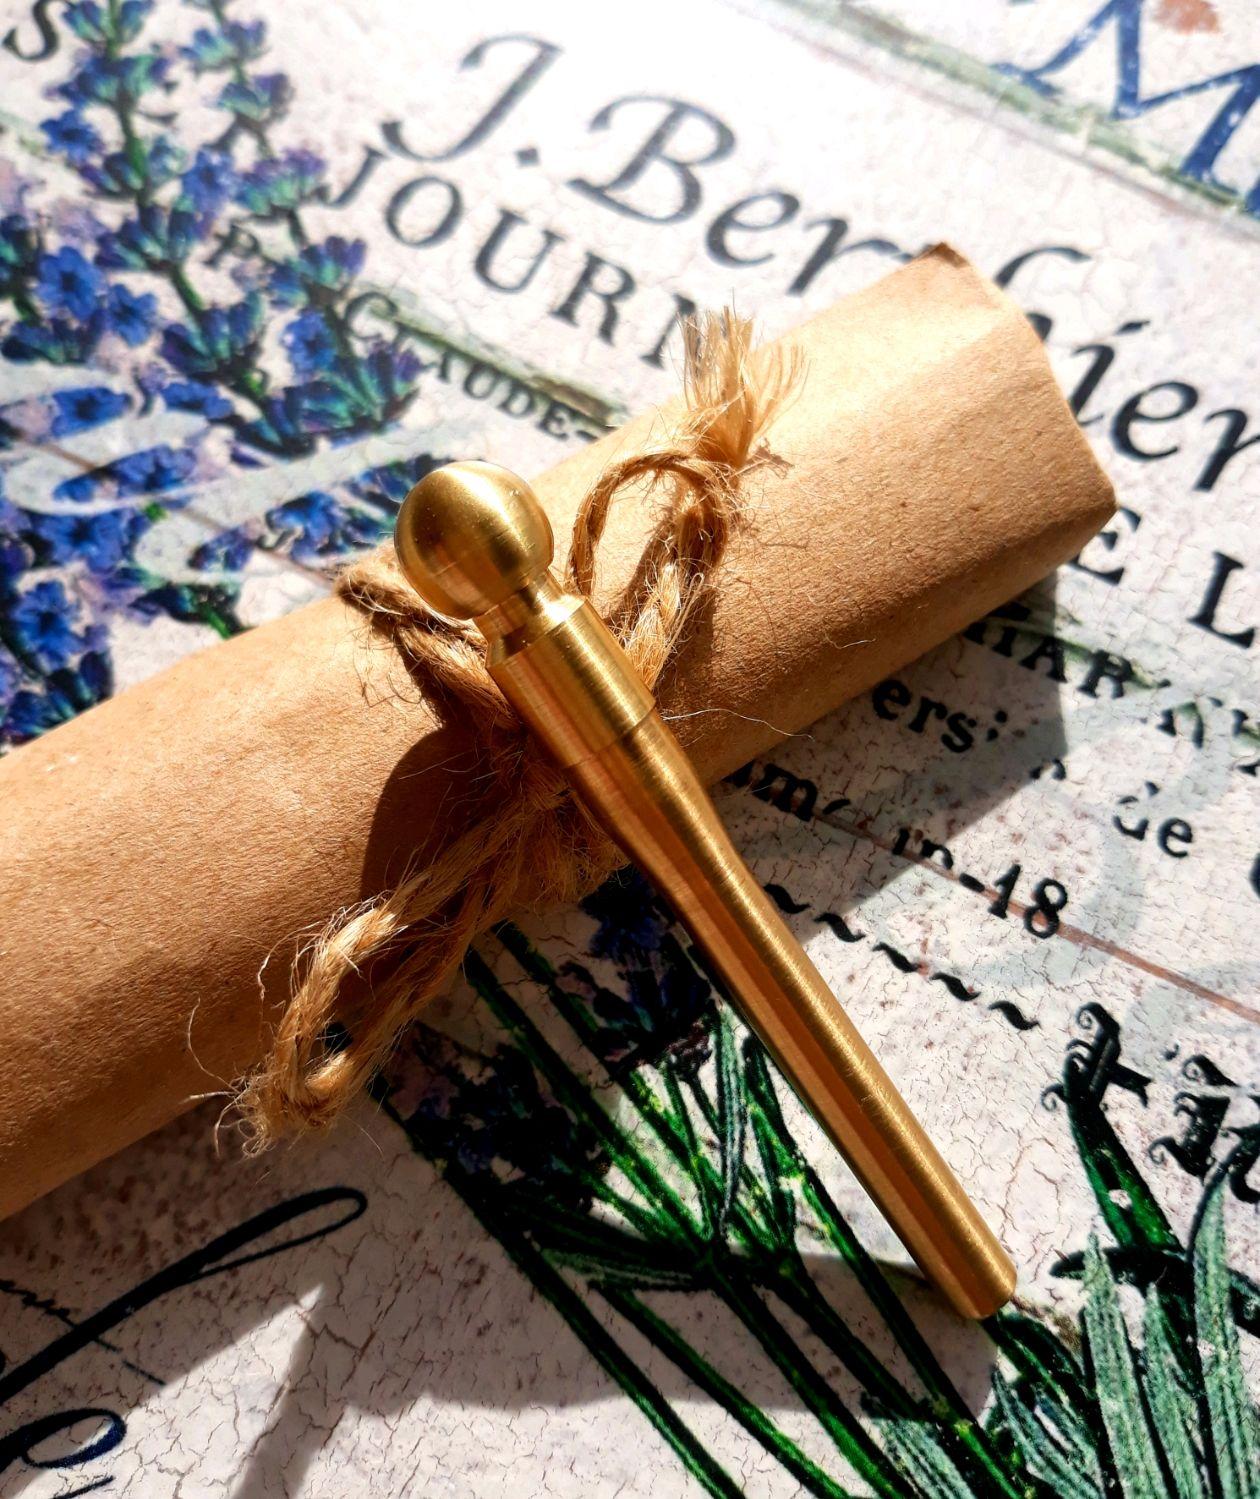 Круглая булька для цветов 8мм,насадка для ландышей, миниатюрных цветов, Инструменты для украшений, Ижевск,  Фото №1